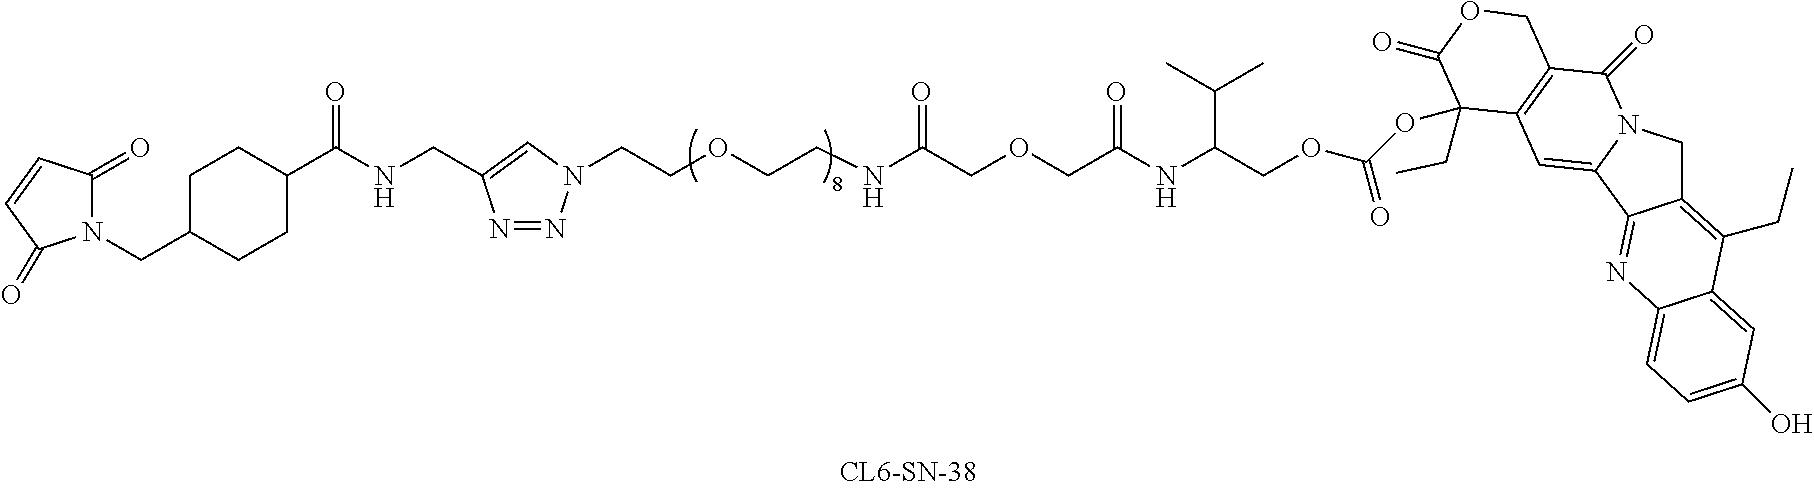 Figure US09481732-20161101-C00011